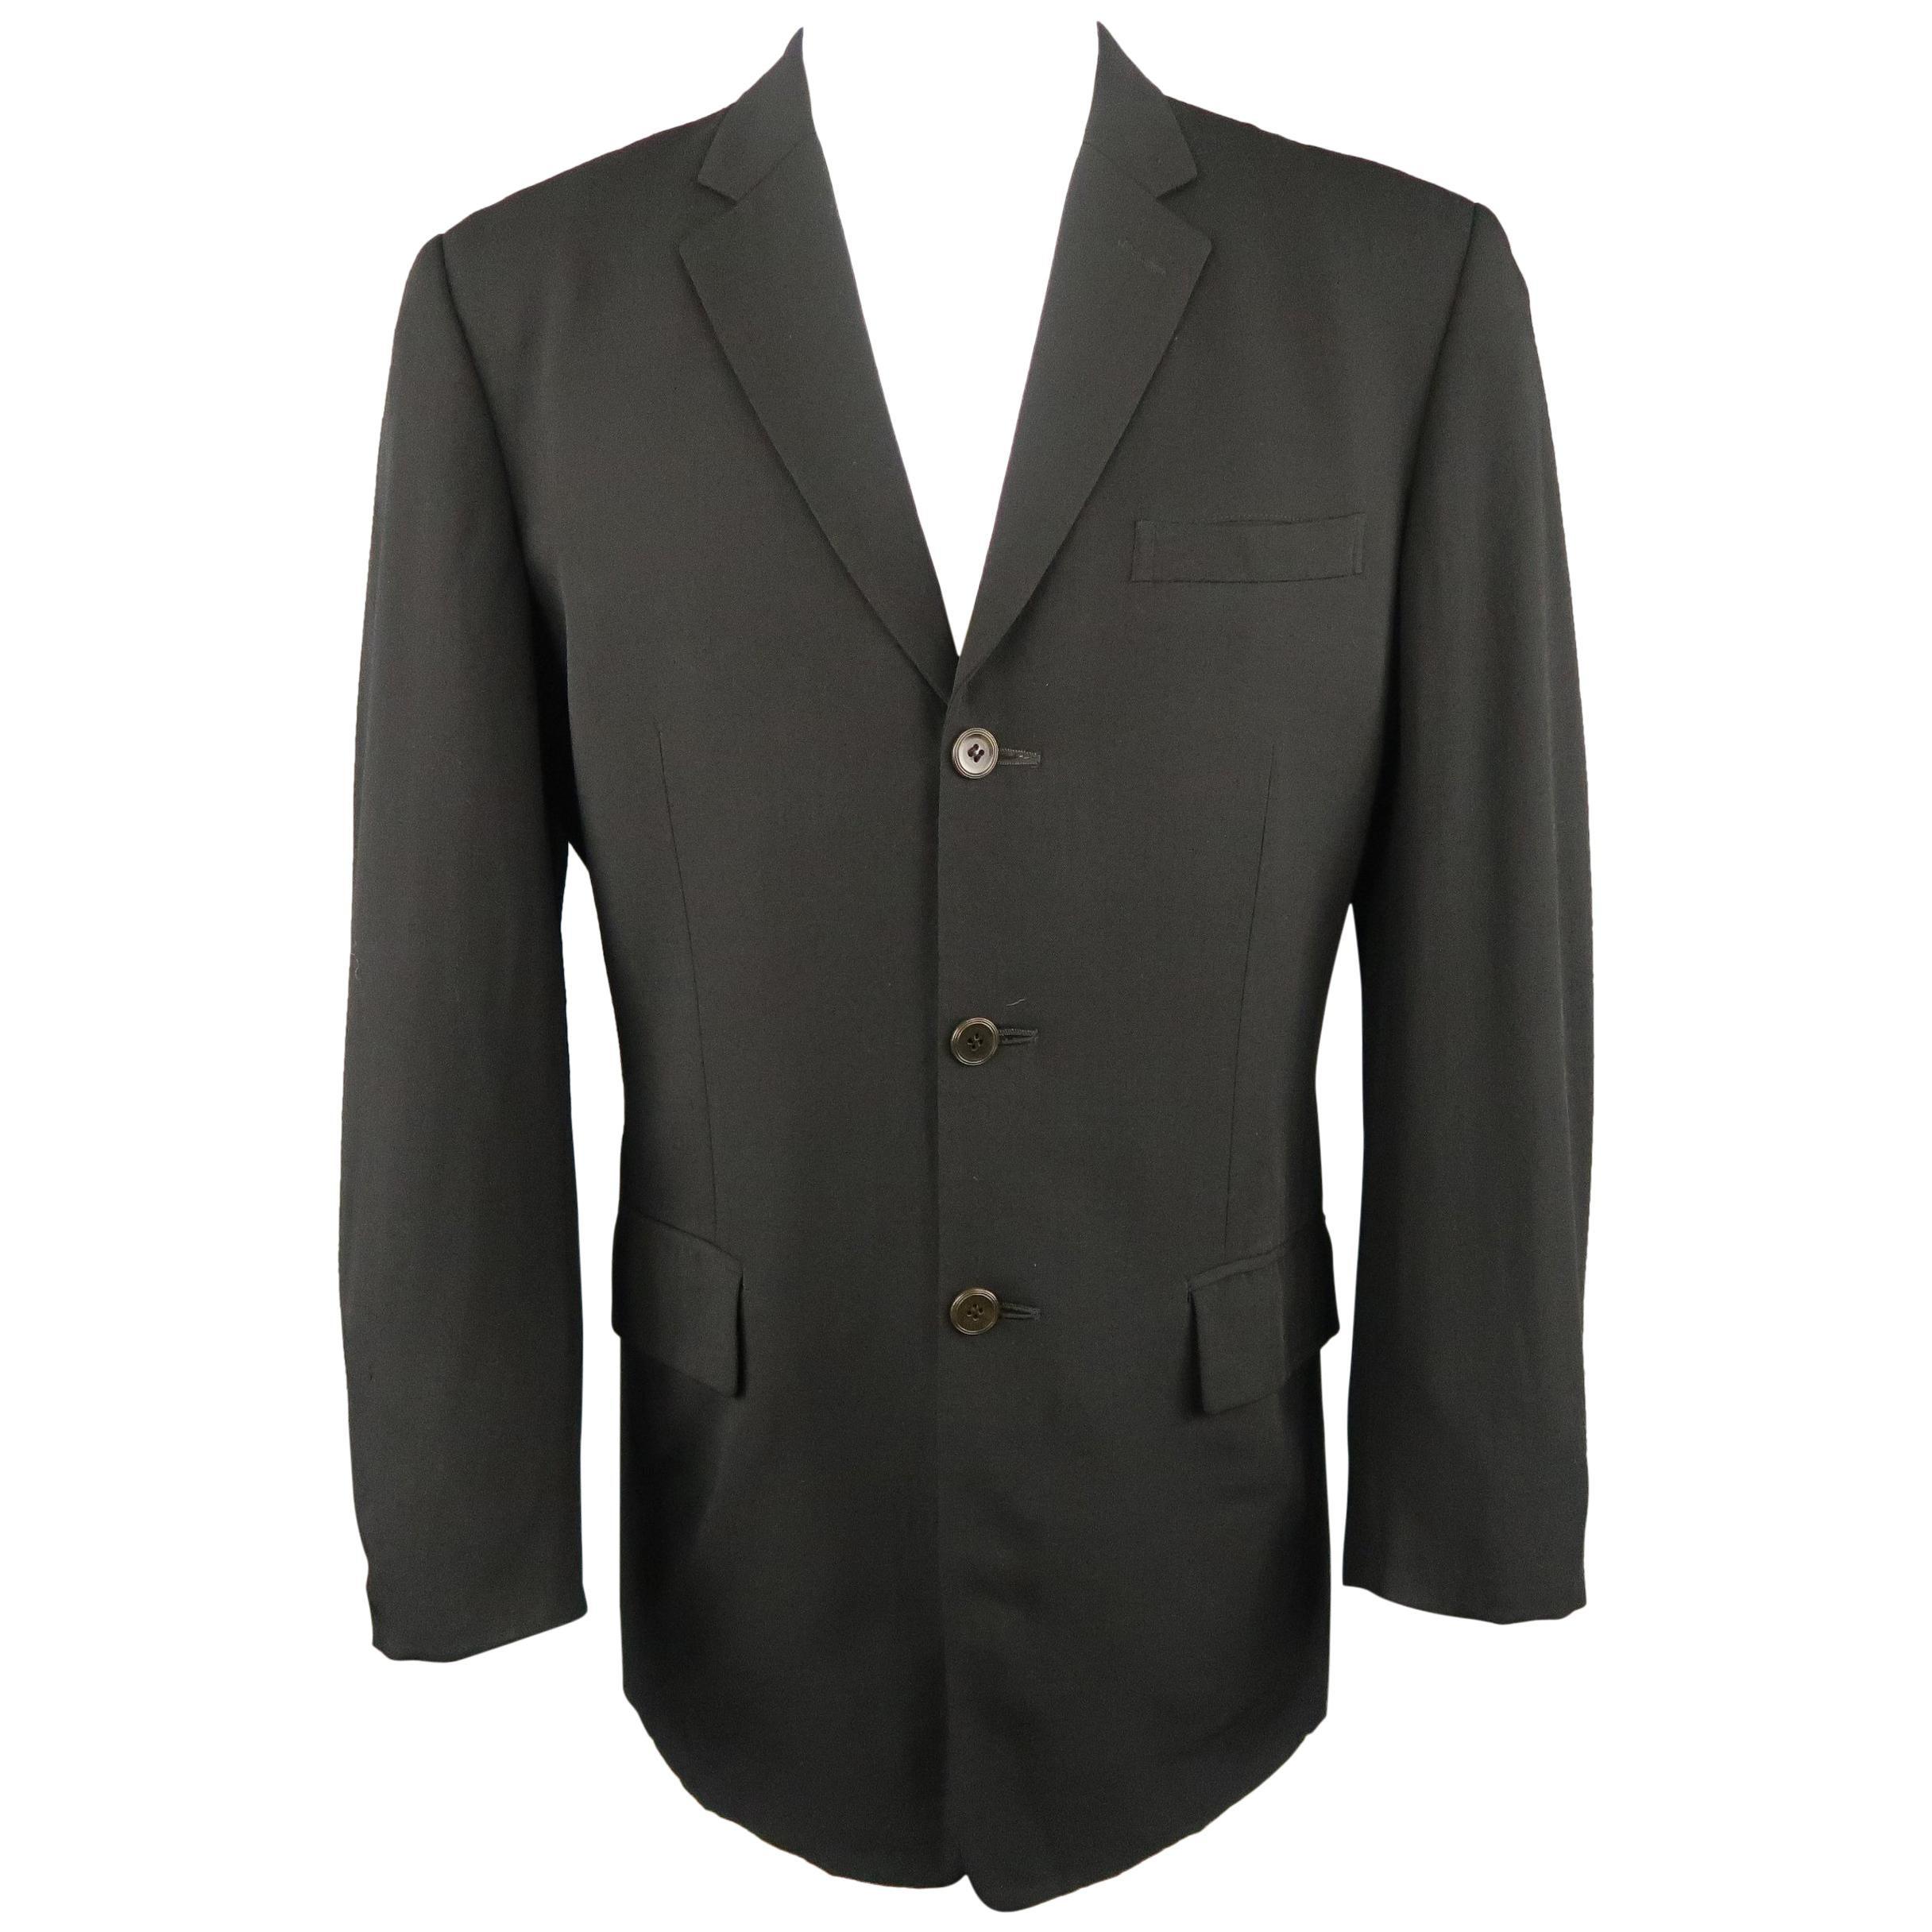 Vintage JEAN PAUL GAULTIER OBJET 38 Black Wool Twill Notch Lapel Sport Coat